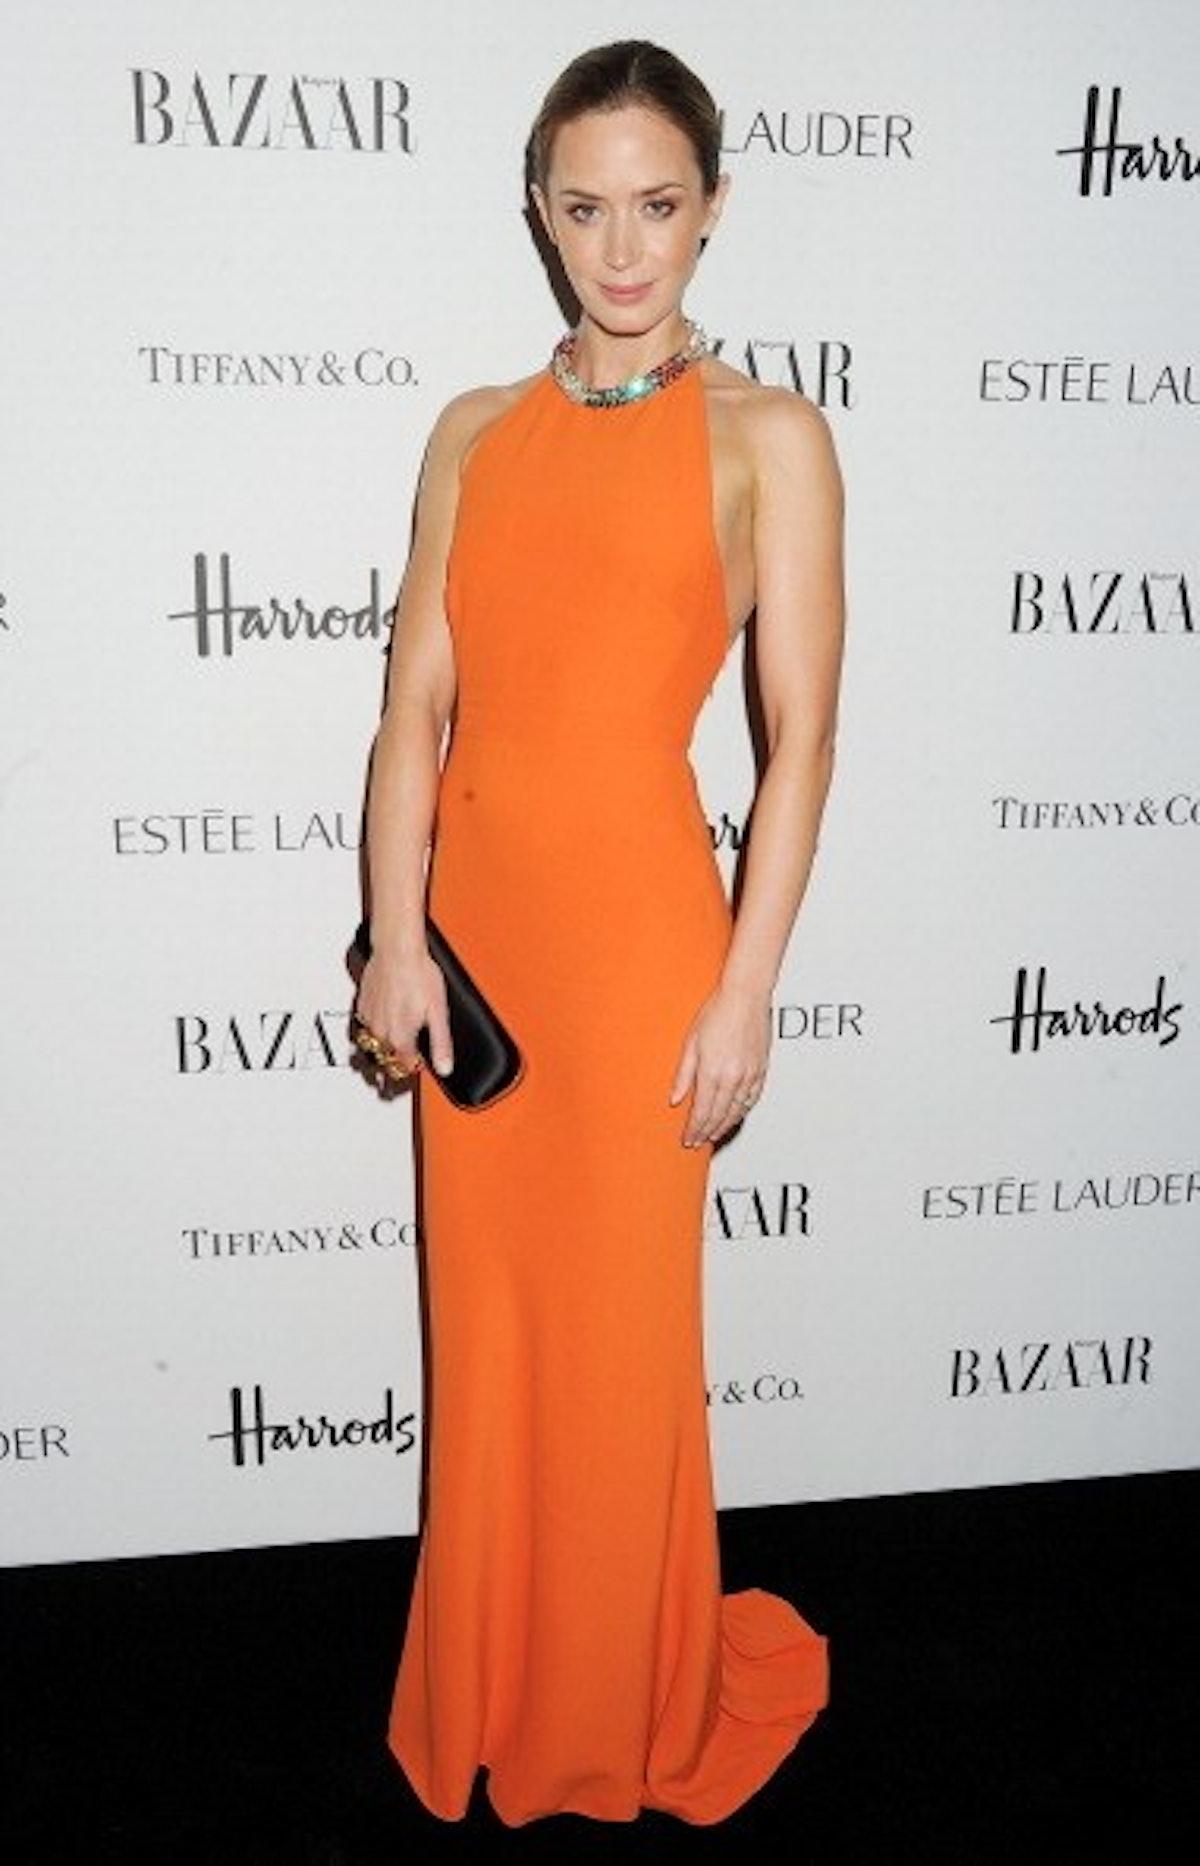 Emily Blunt in an Orange Dress.